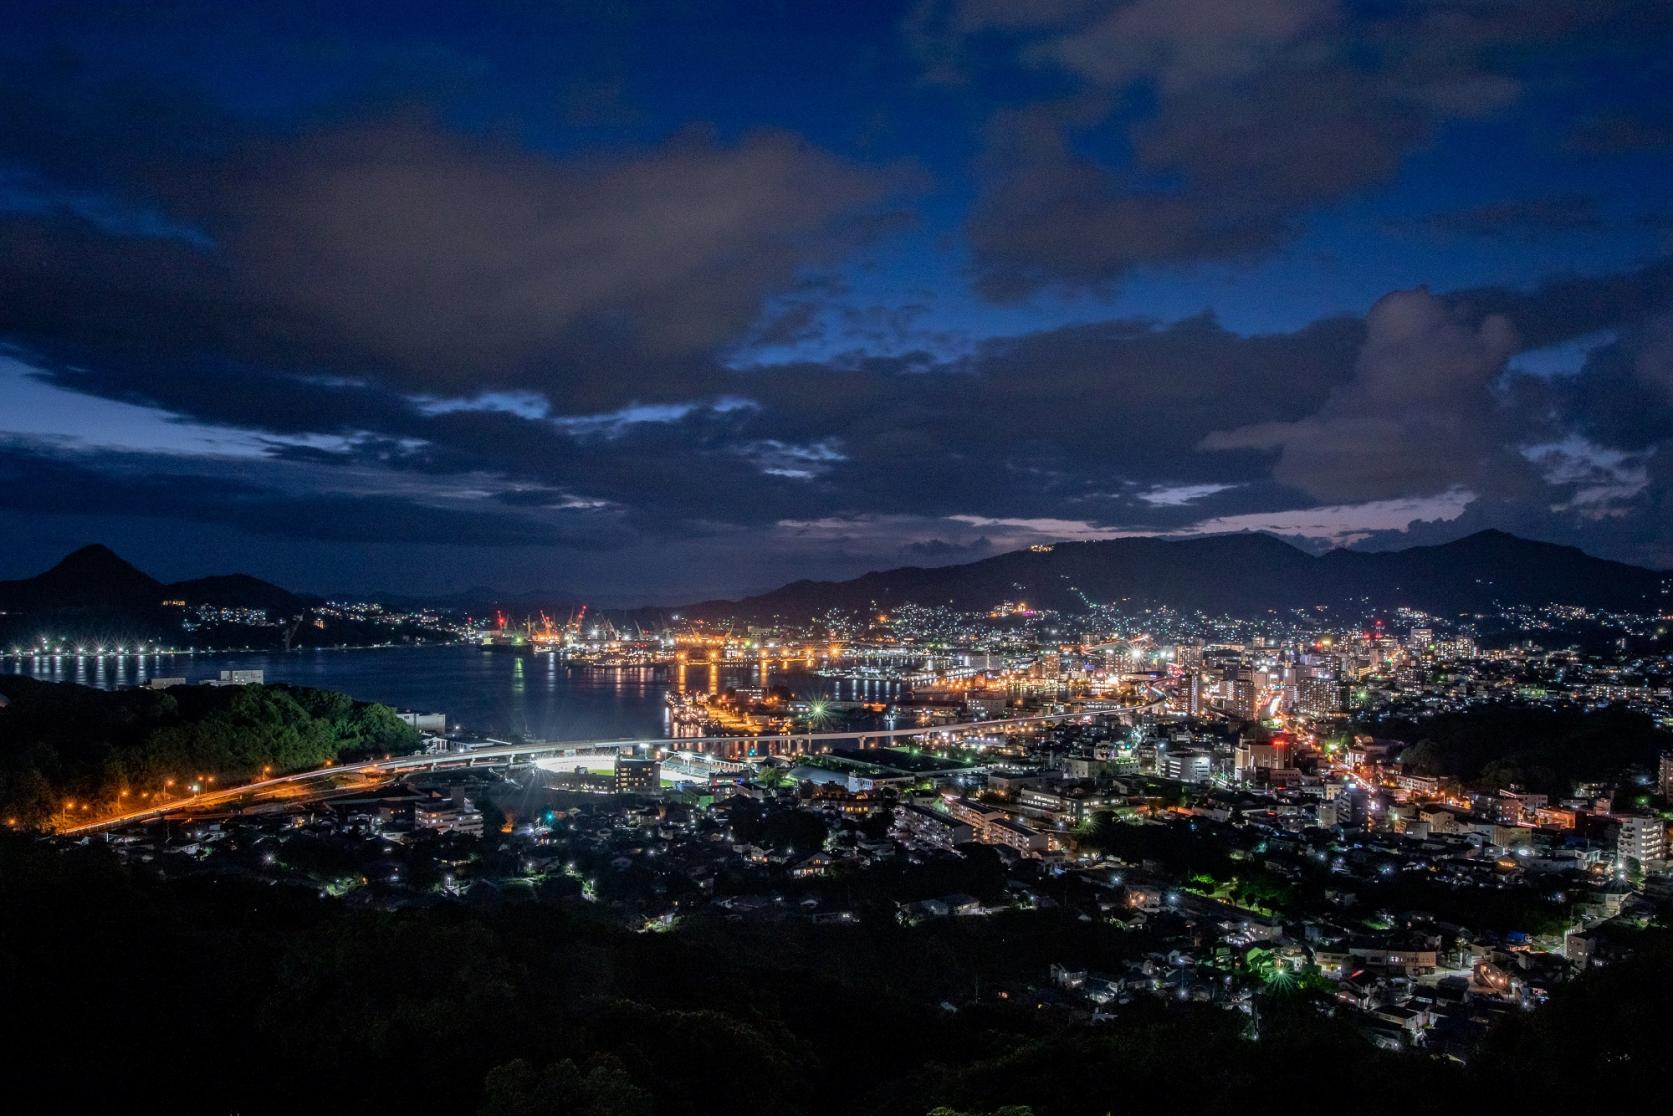 佐世保港のオレンジ色が光る夜景を楽しめる「天神山公園」-0